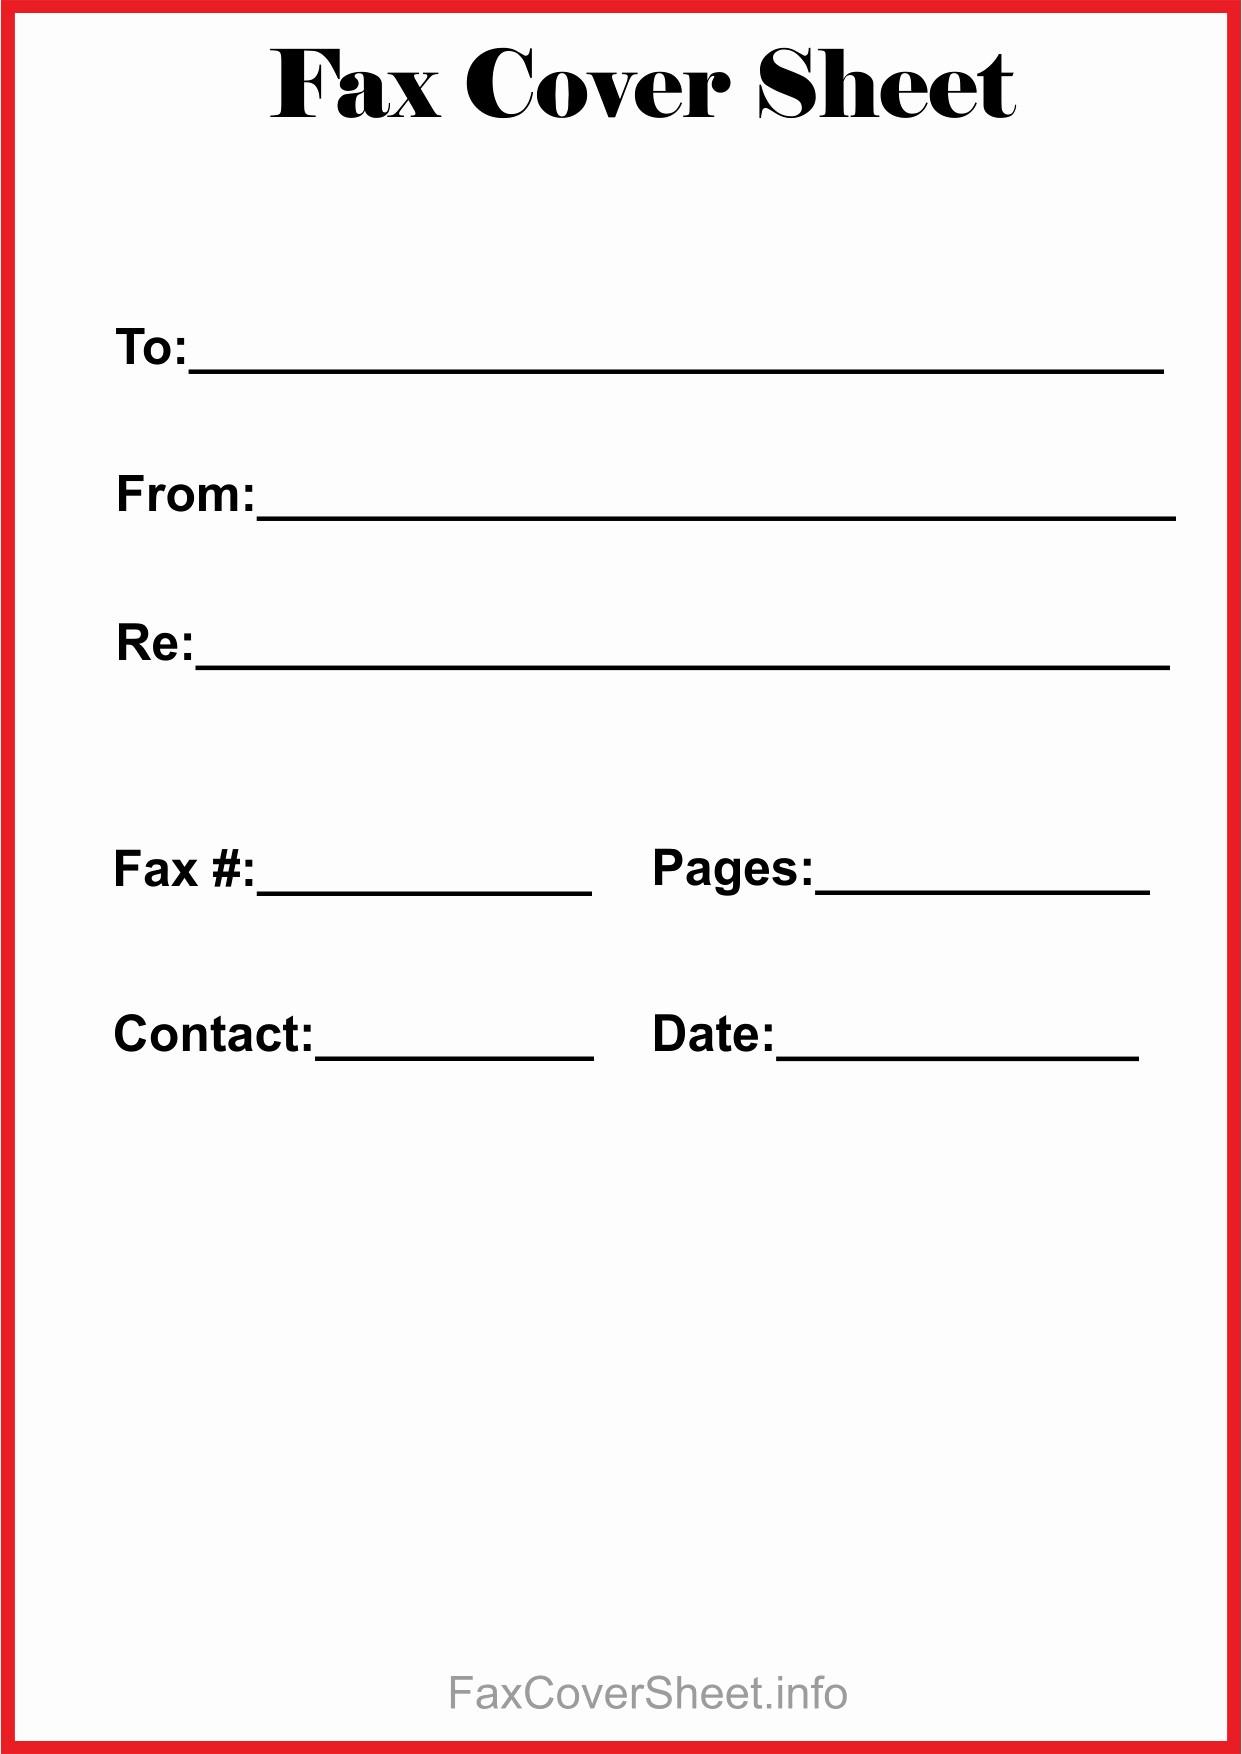 Free Downloads Fax Cover Sheet Beautiful Free Fax Cover Sheet Template Download